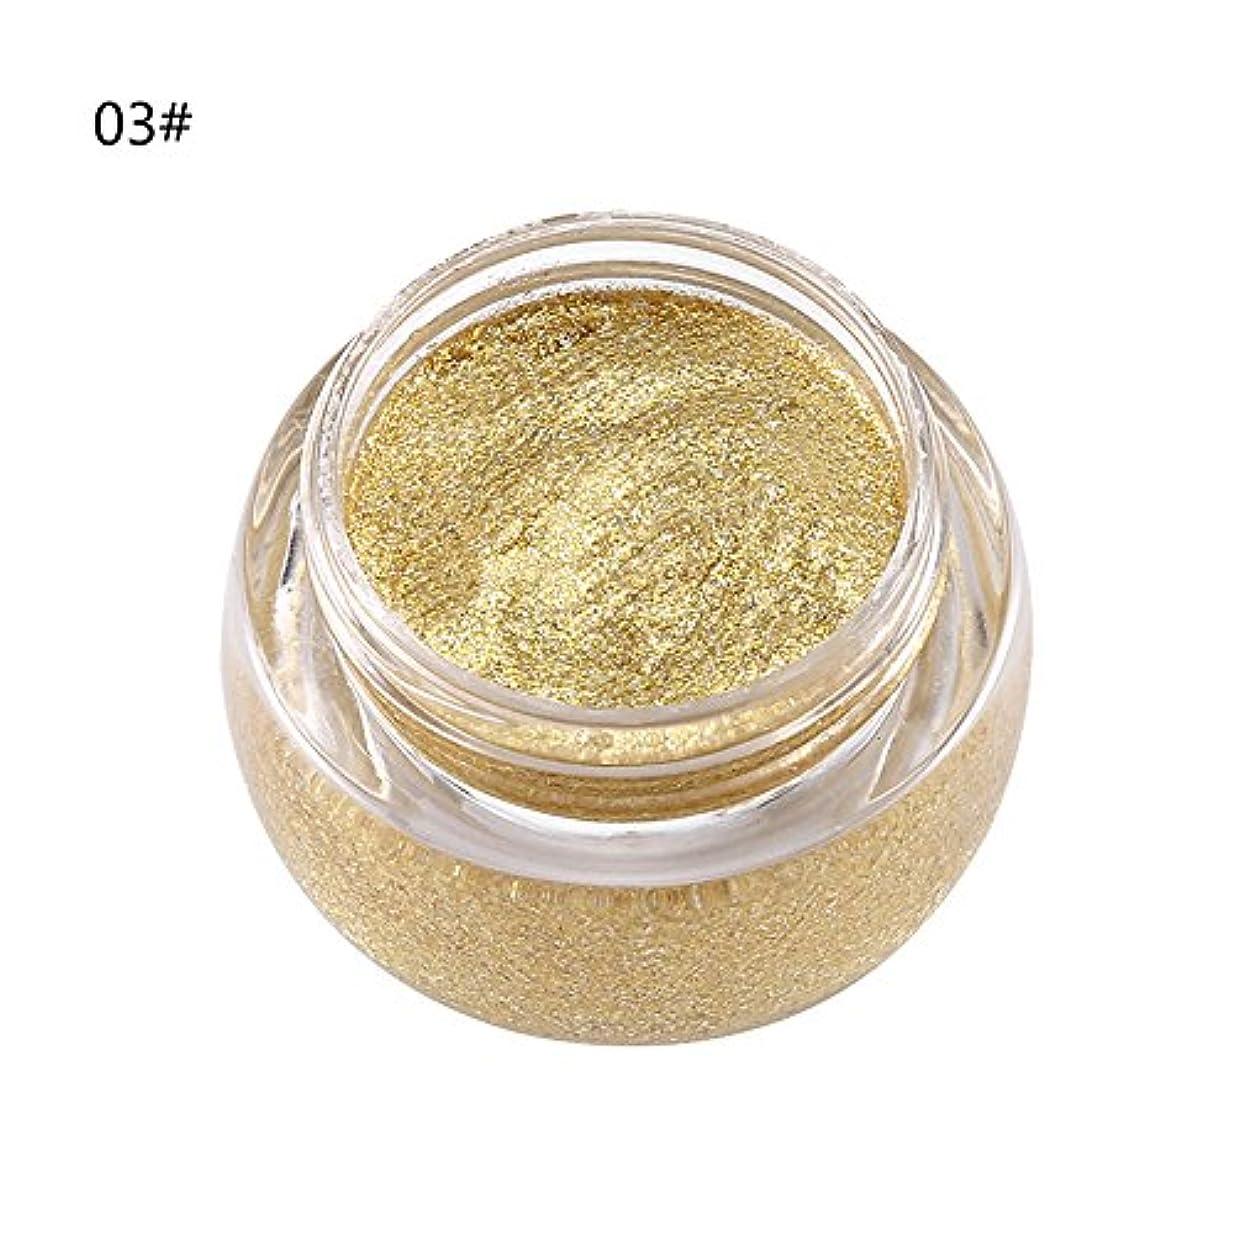 エンドウ紛争提案するアイシャドウ 単色 化粧品 光沢 保湿 キラキラ 美しい タイプ 03